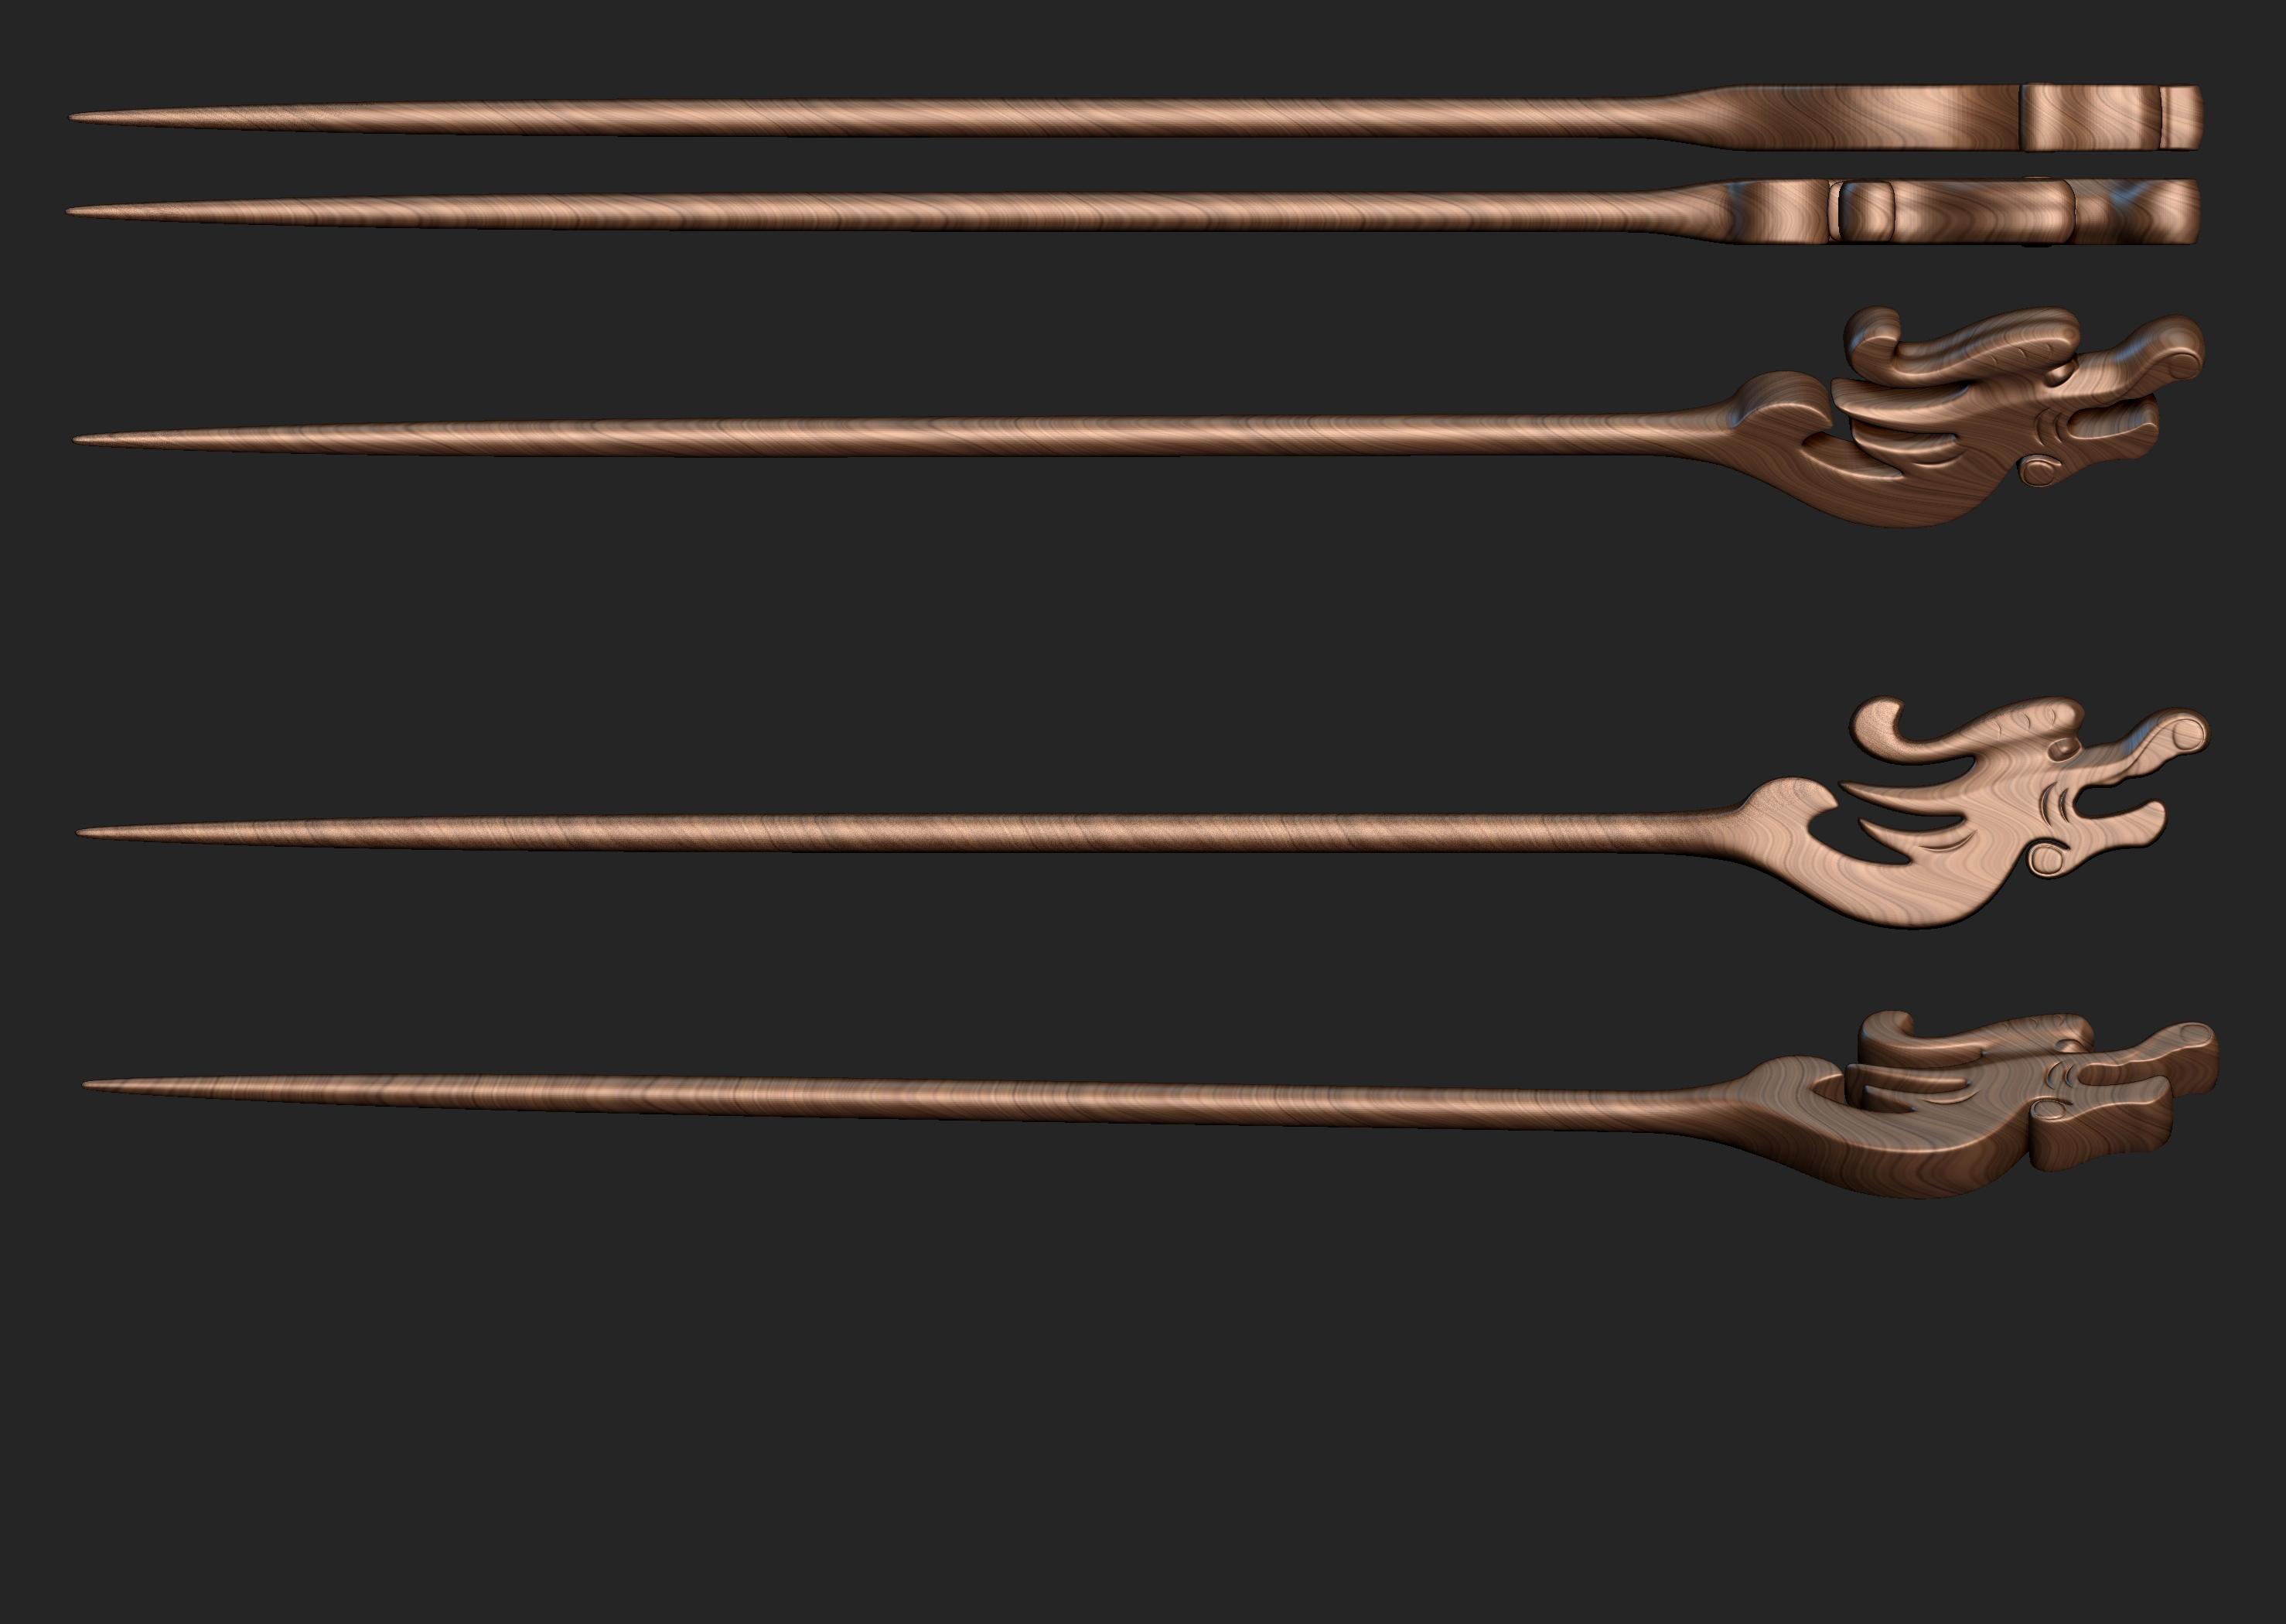 龙首木簪 3D打印模型渲染图